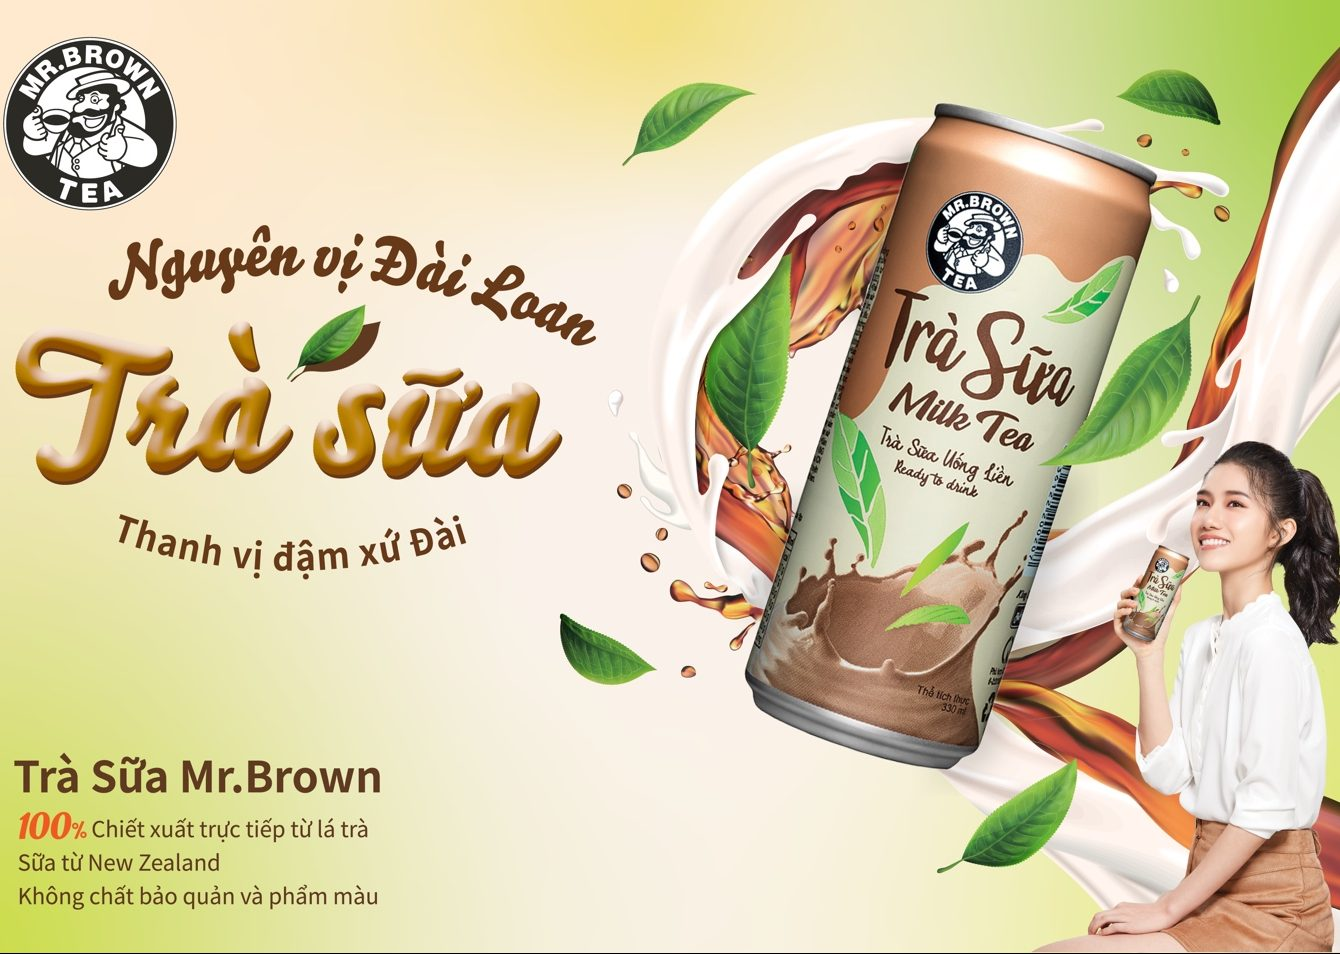 Giải mã cơn sốt mang tên ``Trà sữa đóng lon Mr.Brown``